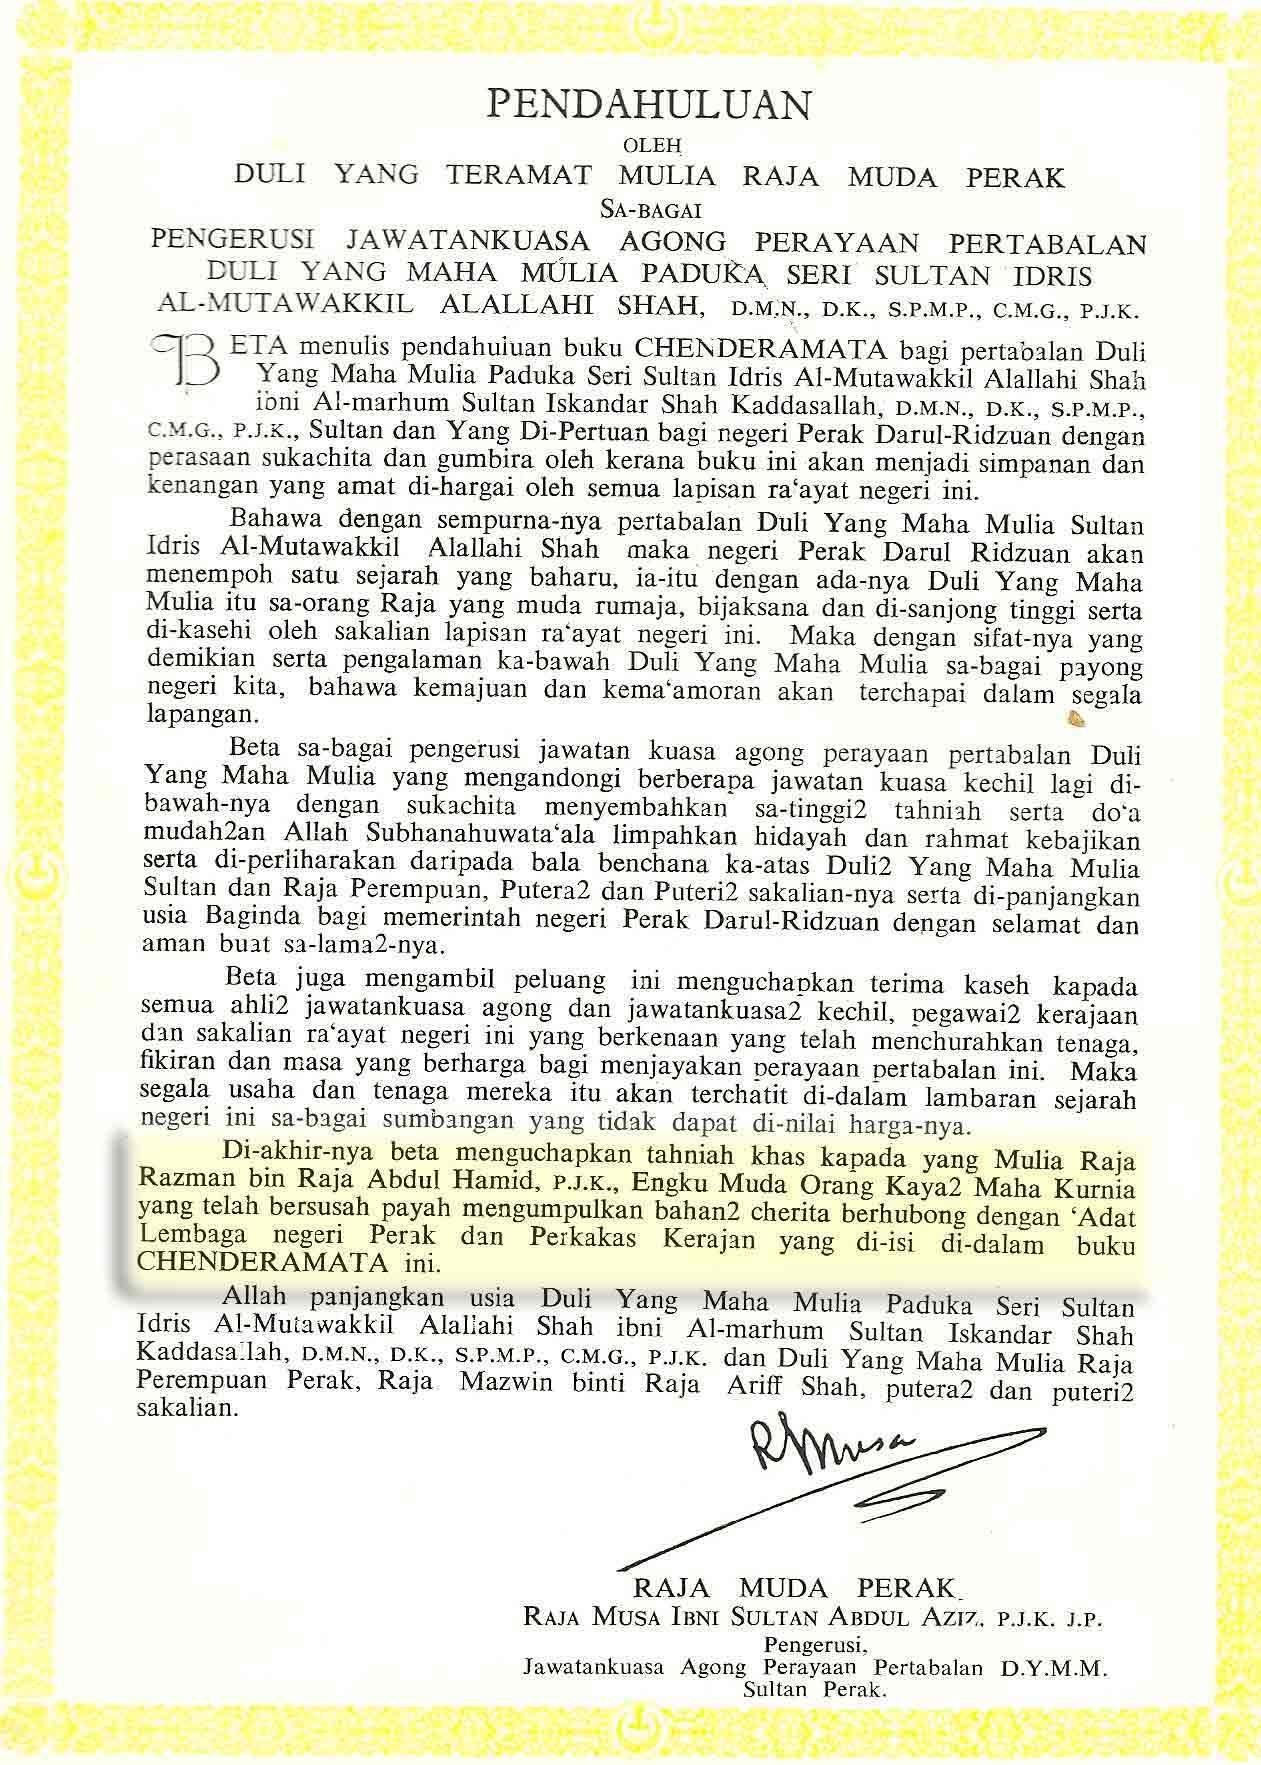 Ucapan penghargaan pada Arwah Raja Razman bin Raja Abdul Hamid di ...